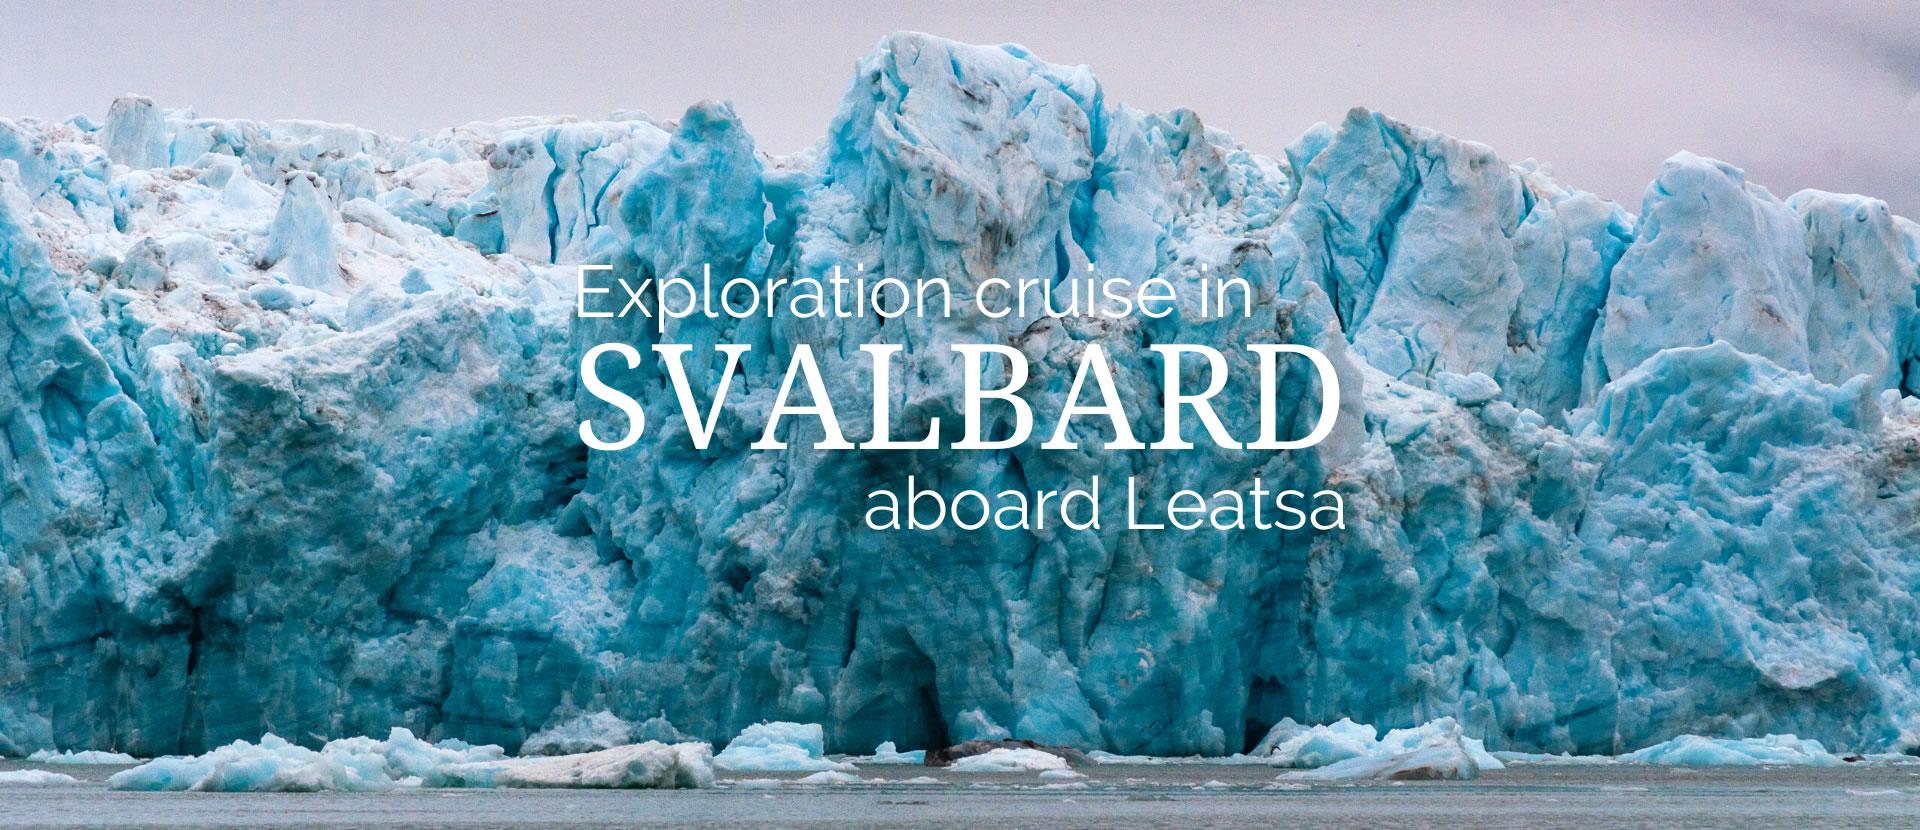 SvalbardEn2020-01